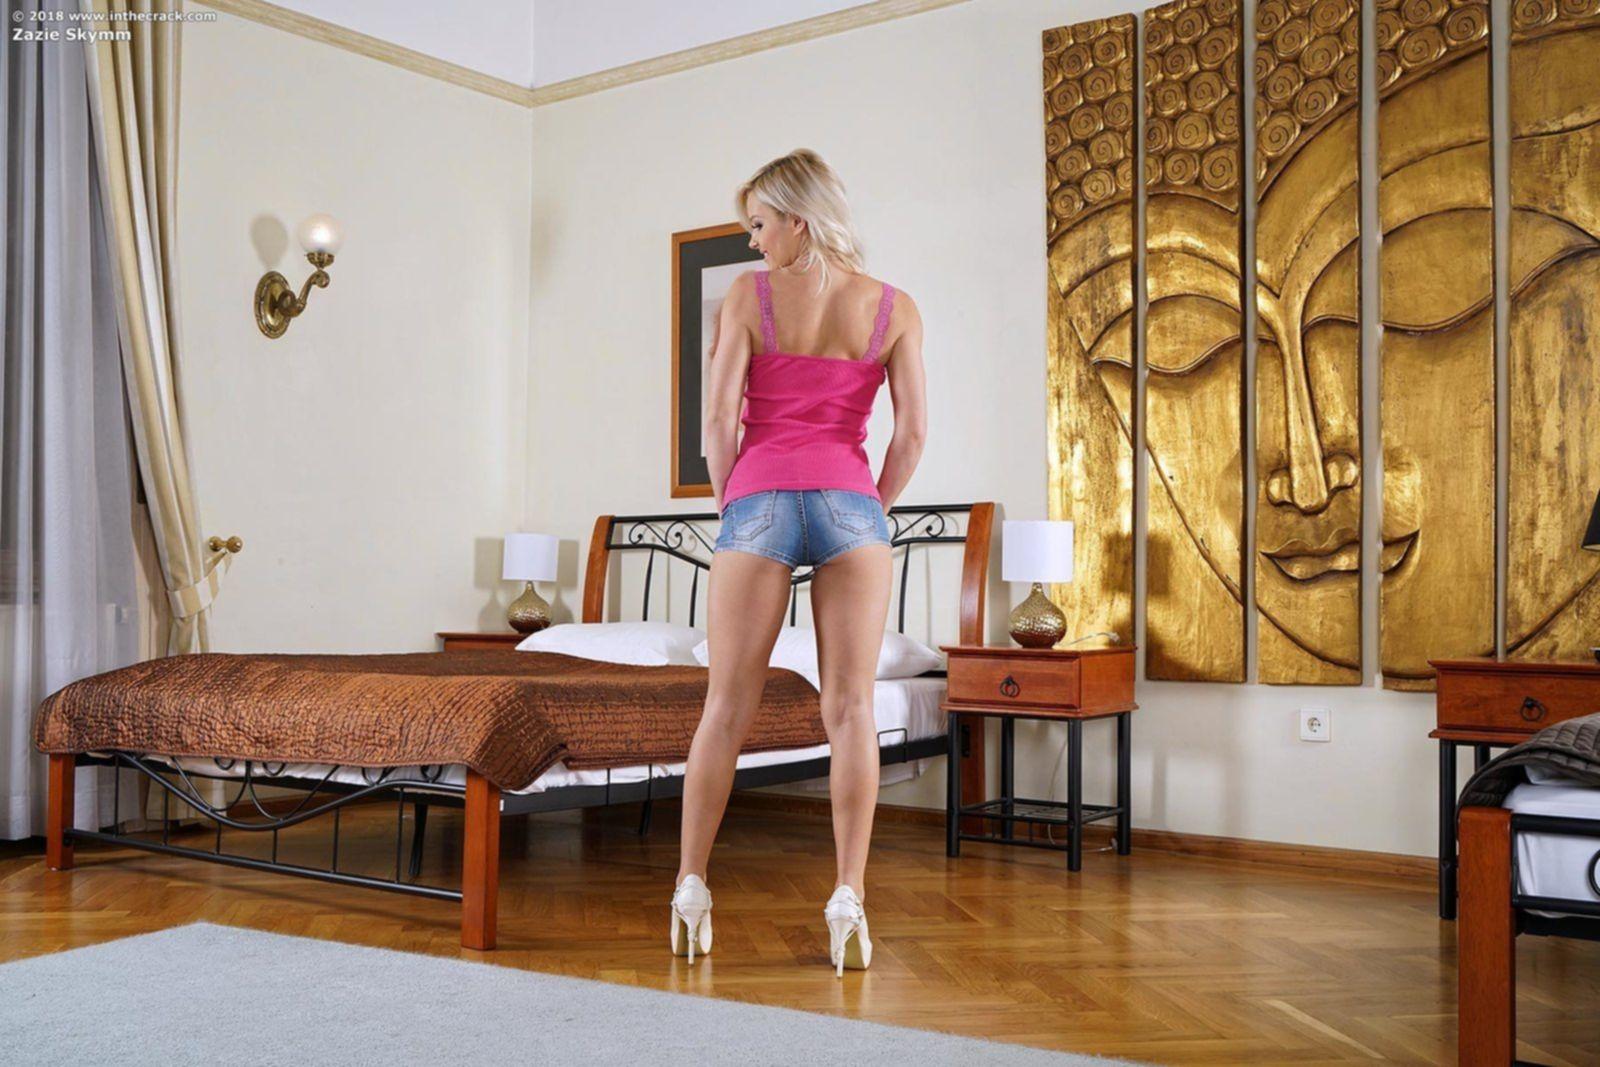 Блондинка раздвинула ноги и дрочит вибратором - фото